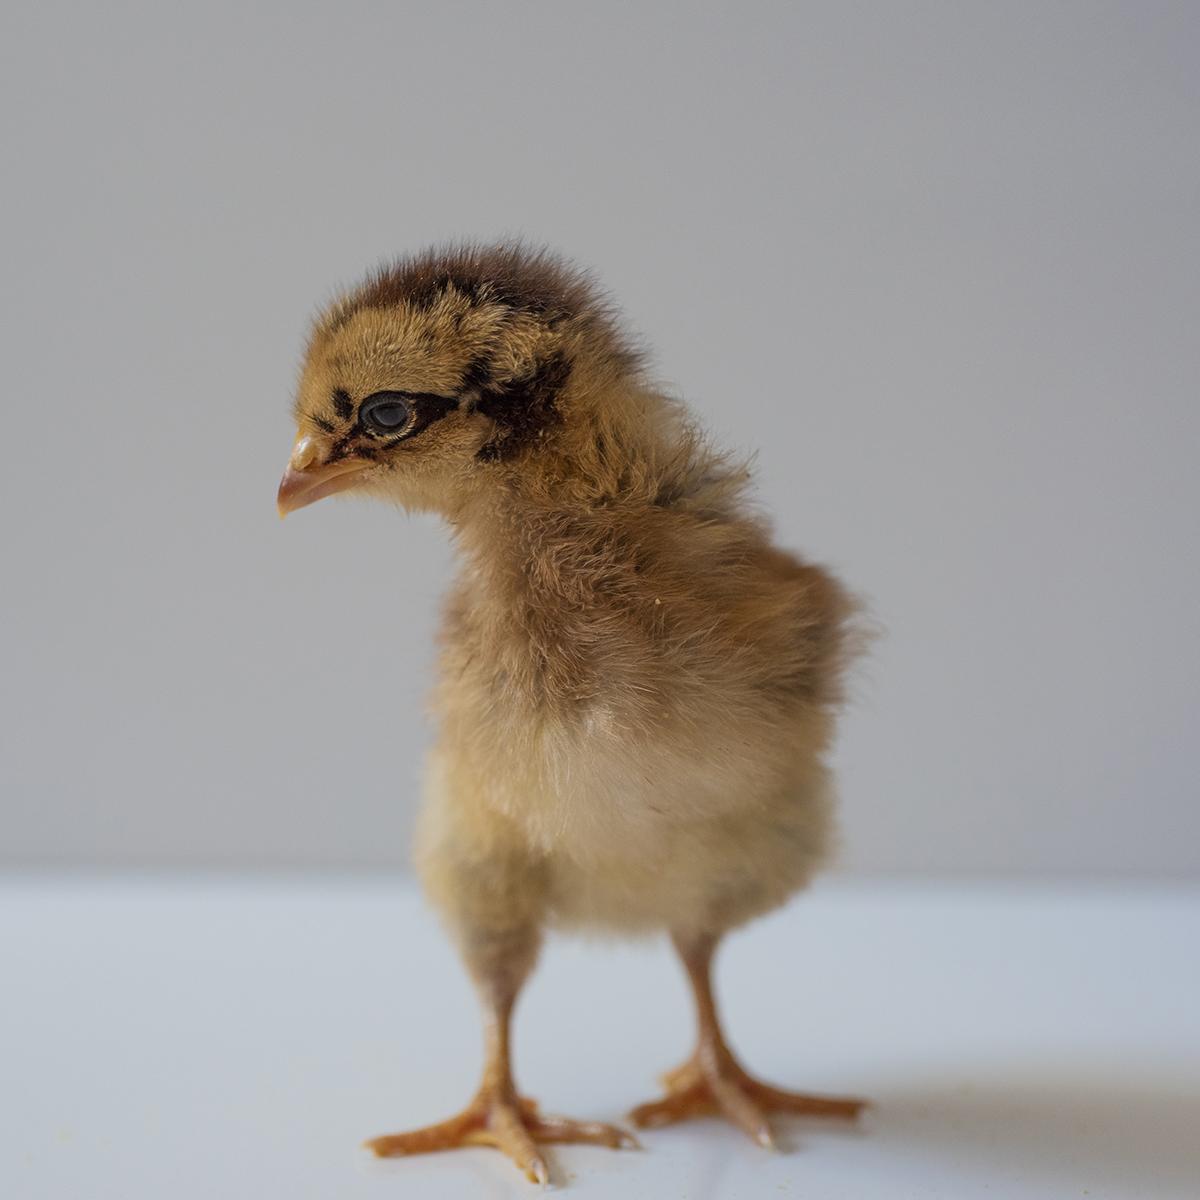 Bielefelder Chick sml